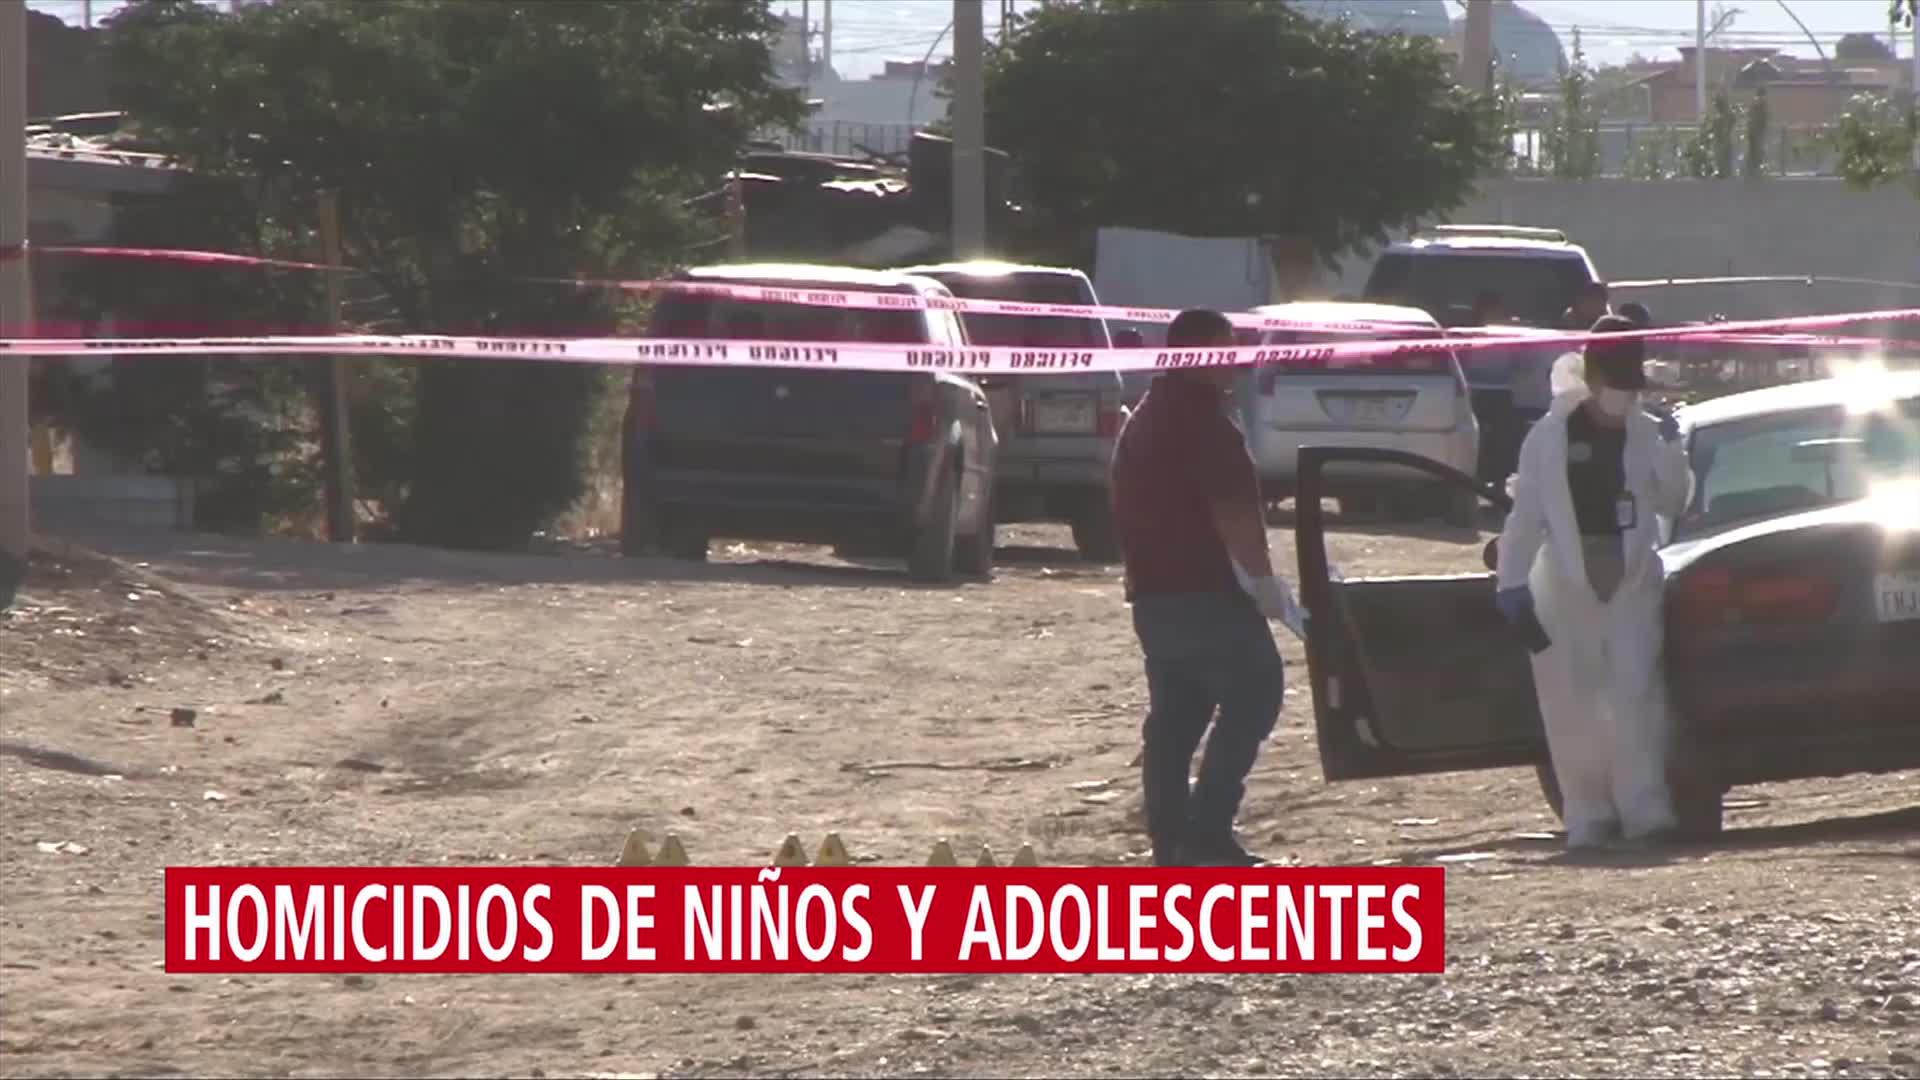 Foto: México Muertes Niños Adolescentes 6 Junio 2019